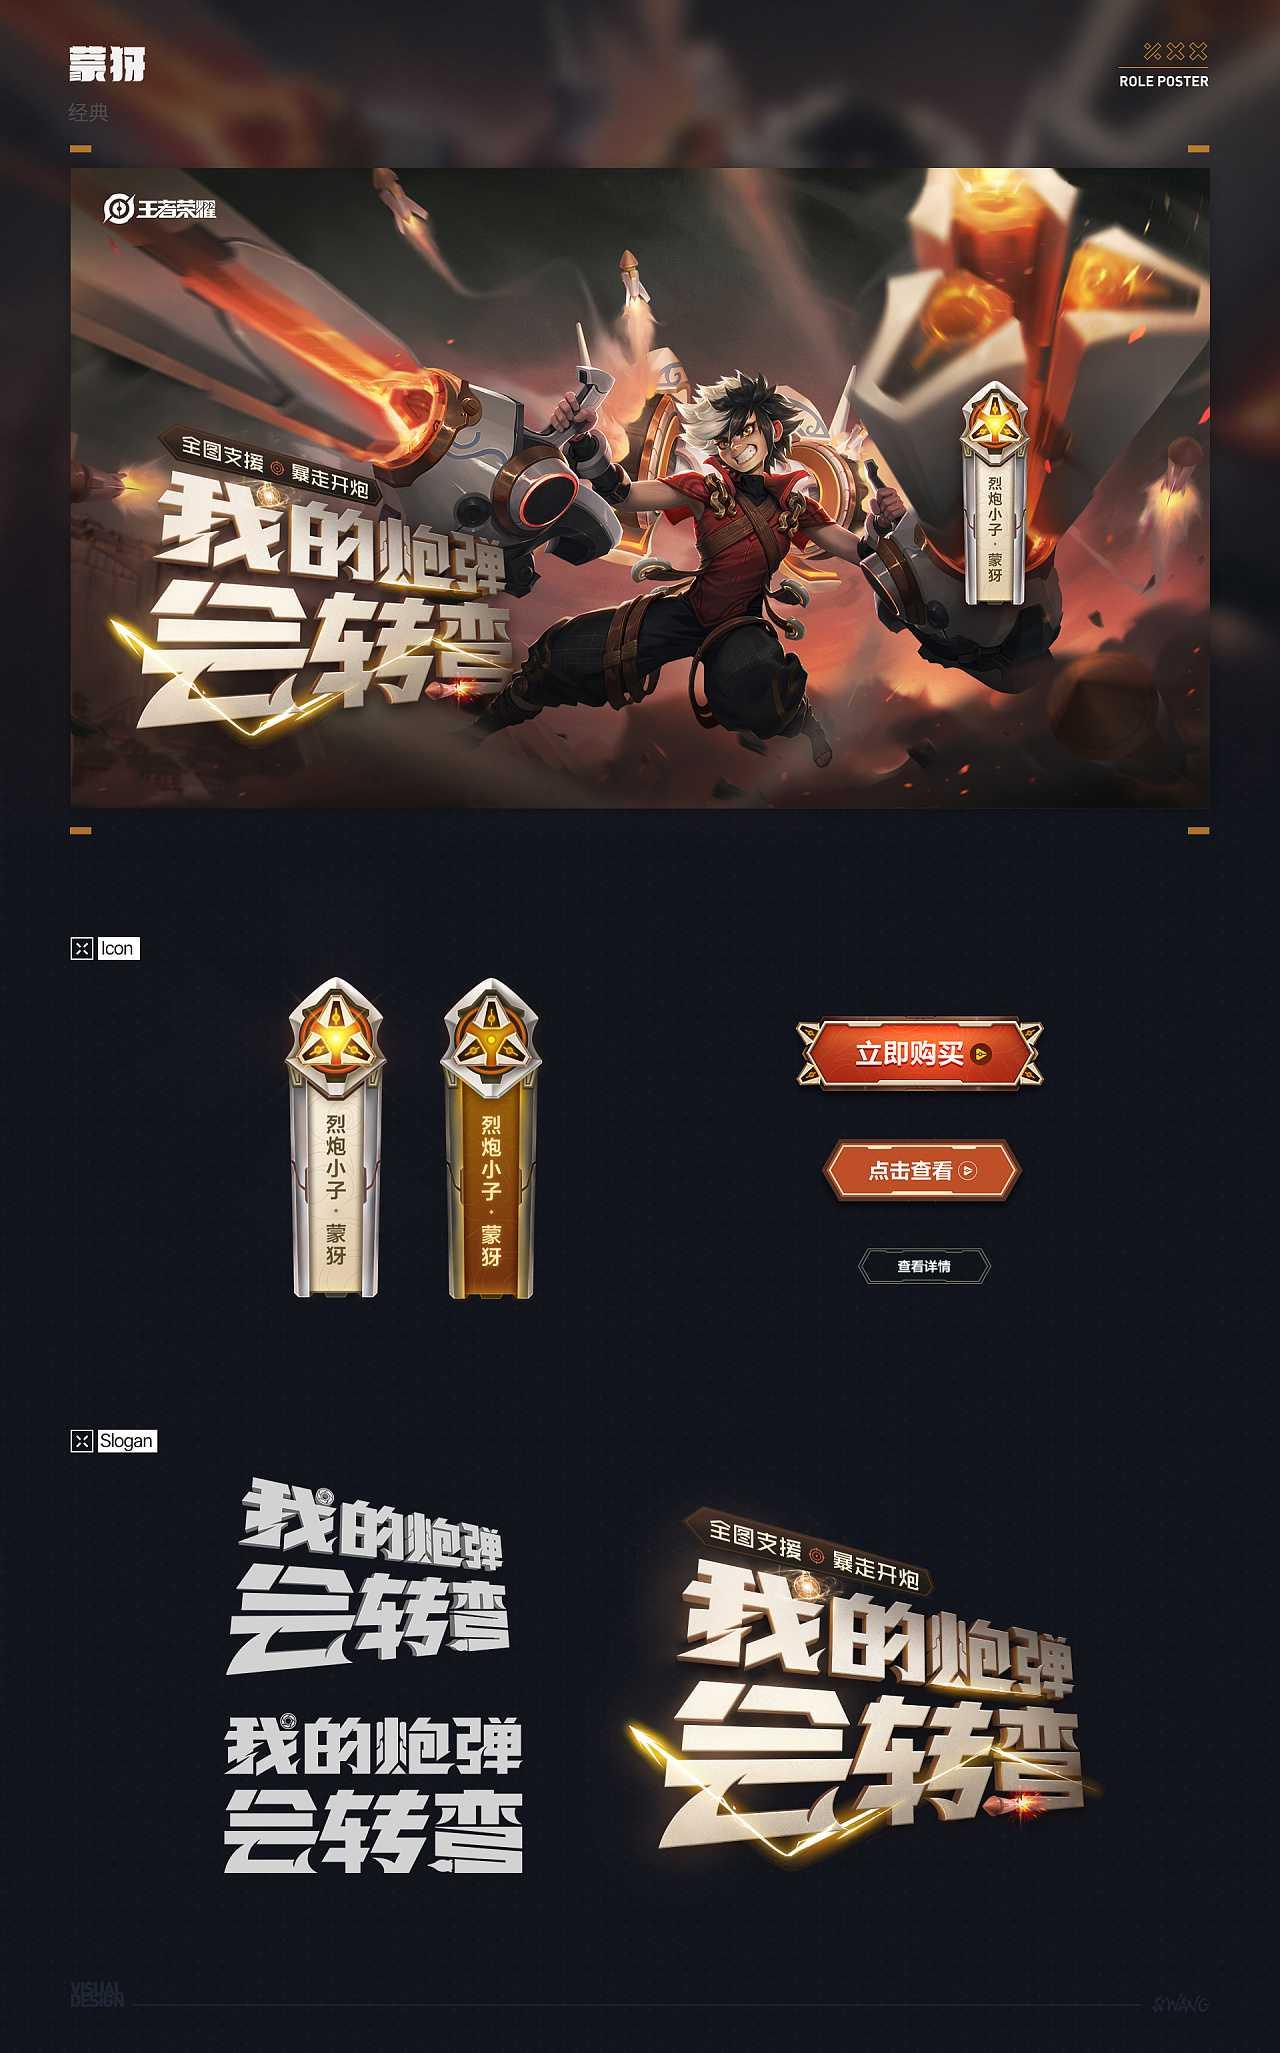 2019-2020 王者荣耀视觉作品合集